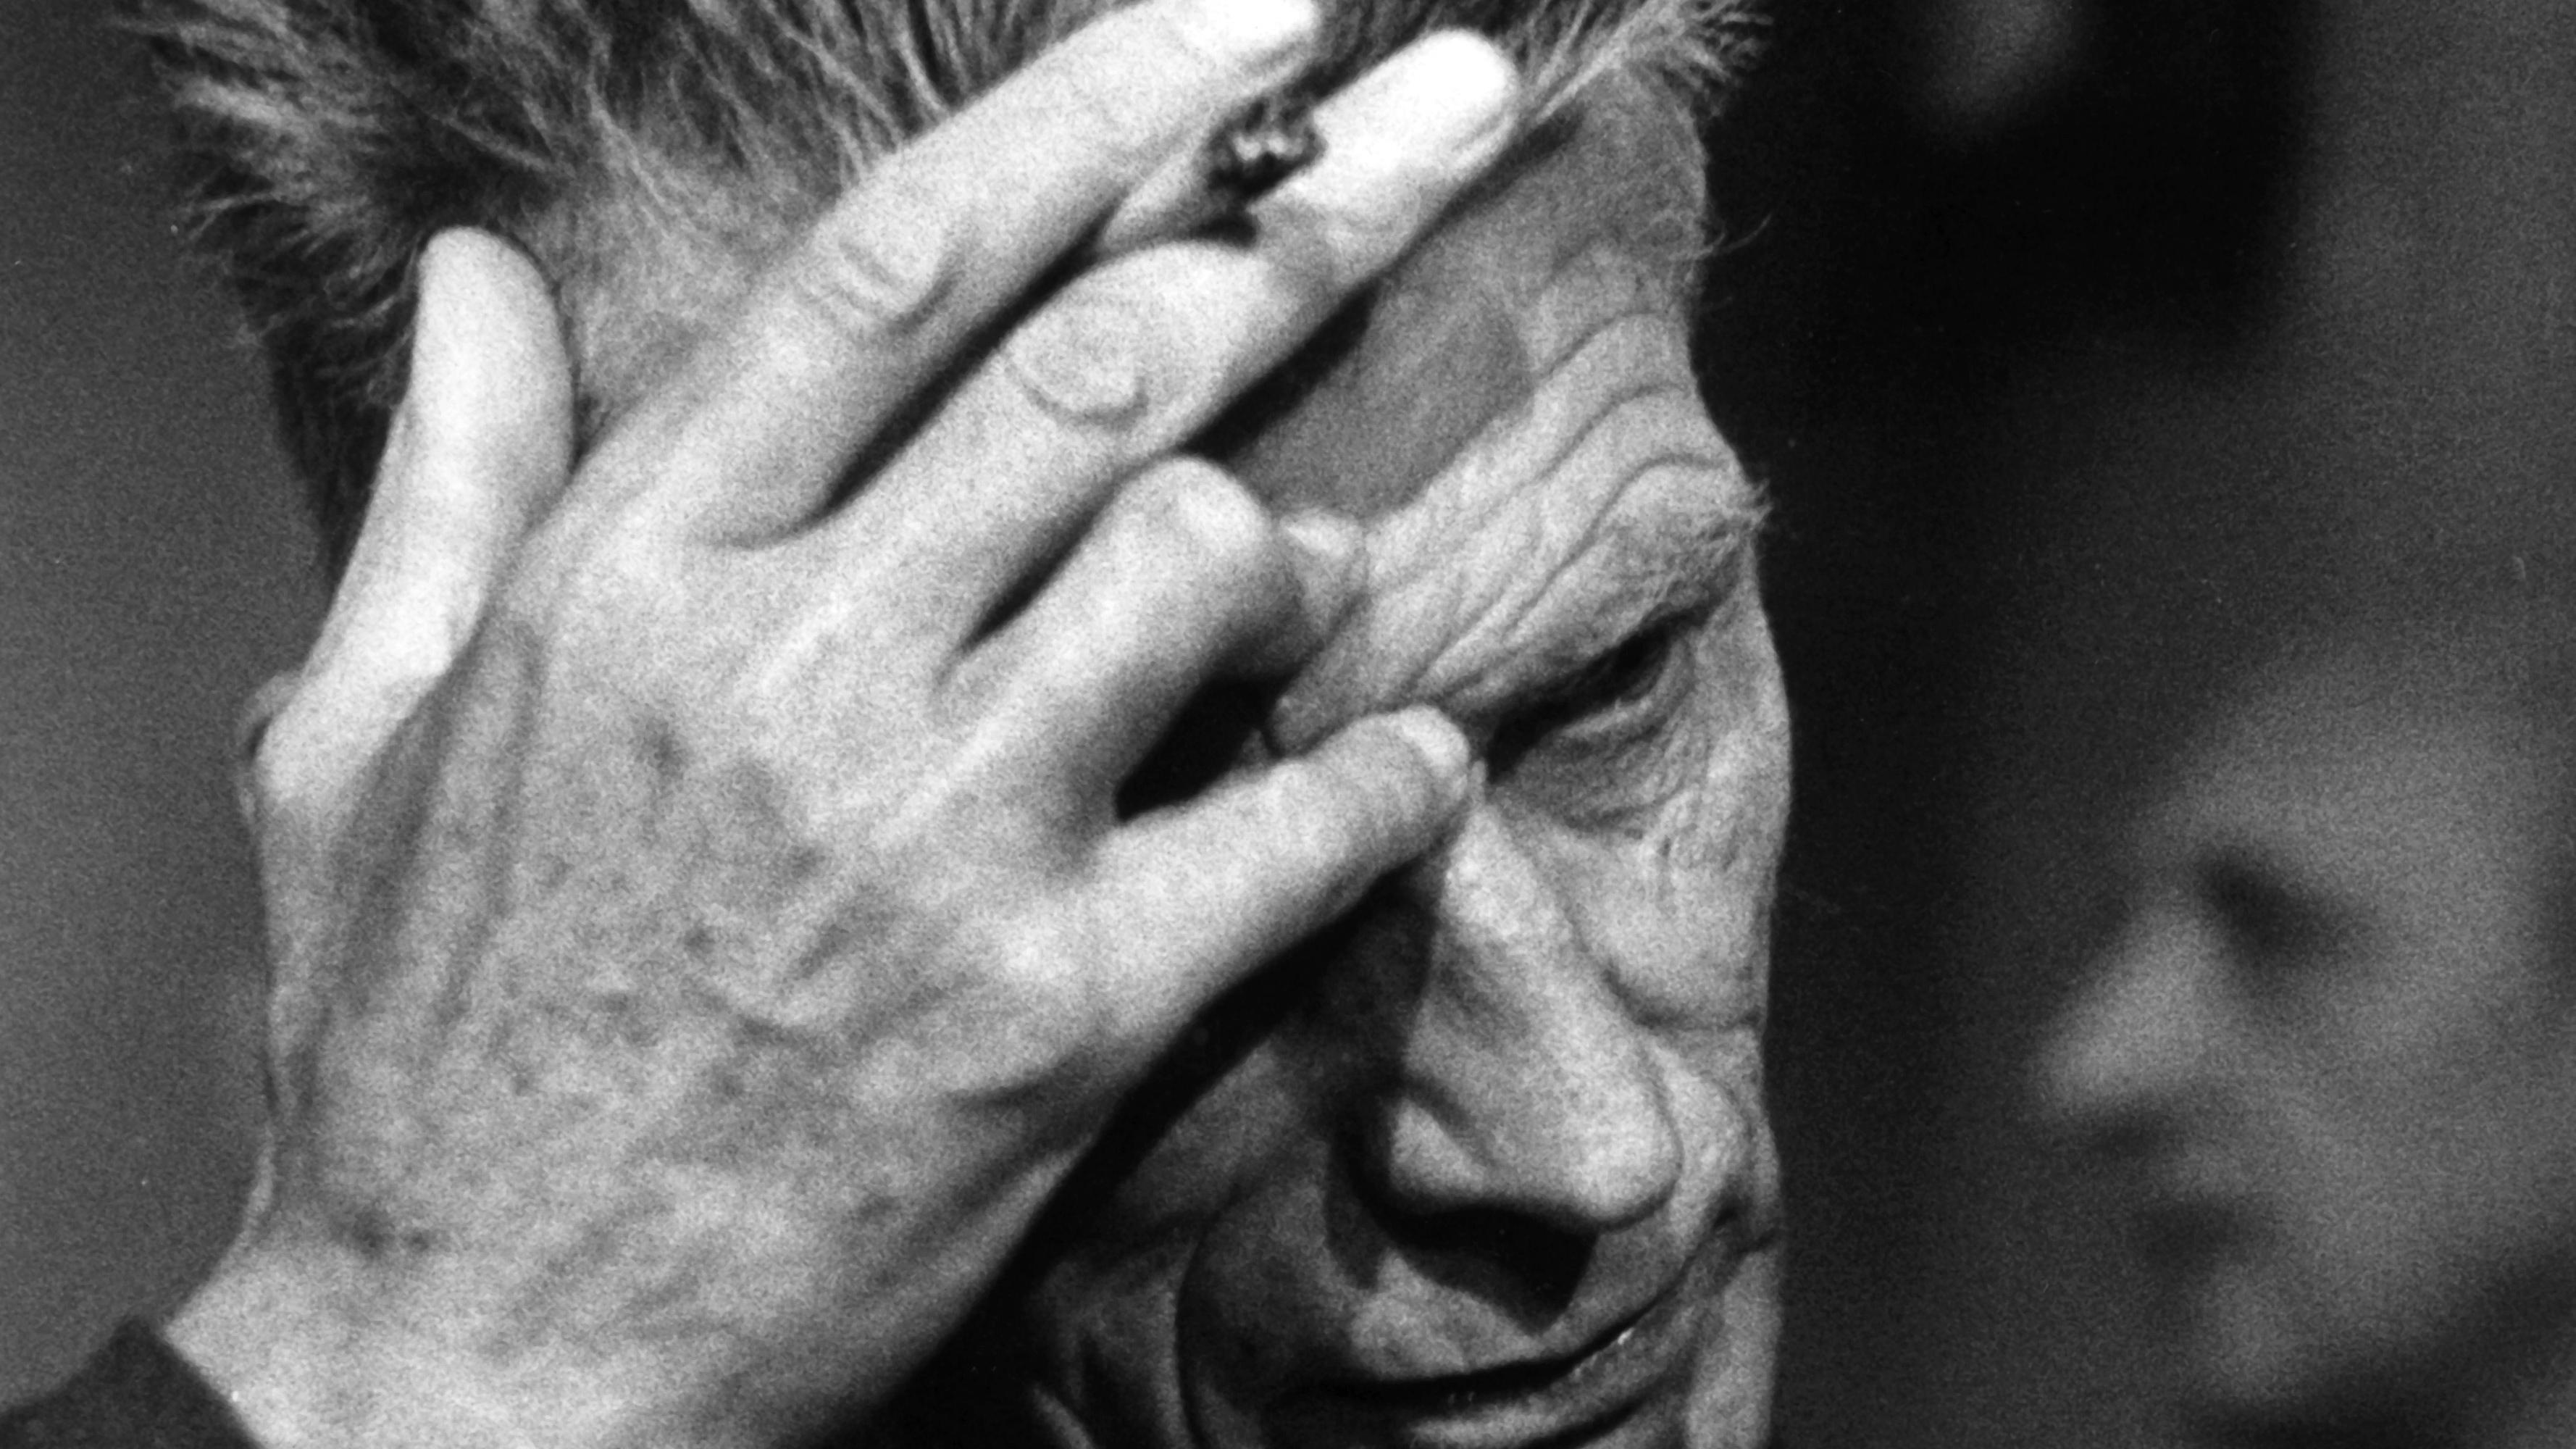 Der irische Dramatiker und Schriftsteller Samuel Beckett im Porträt. Für den ungarischen Erzähler György Dragomán ist Beckett ein wichtiger Lehrmeister für das Schreiben. Dragomán hat etliche Bücher von Beckett ins Ungarische übersetzt.